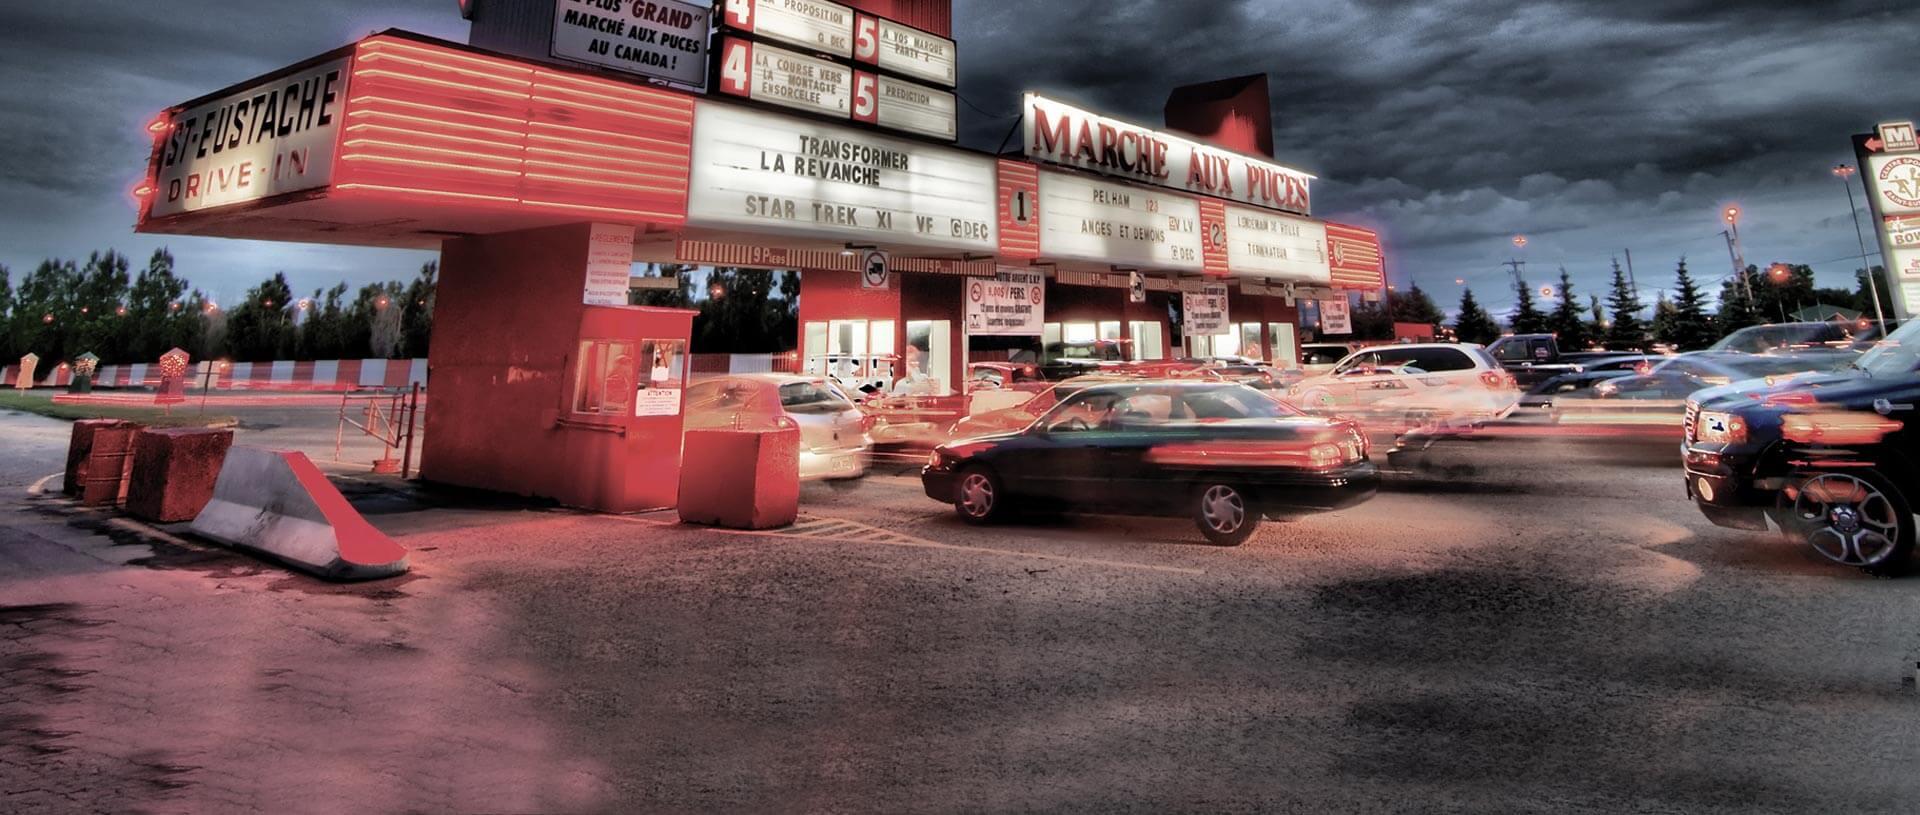 ciné-parc st-eustache films